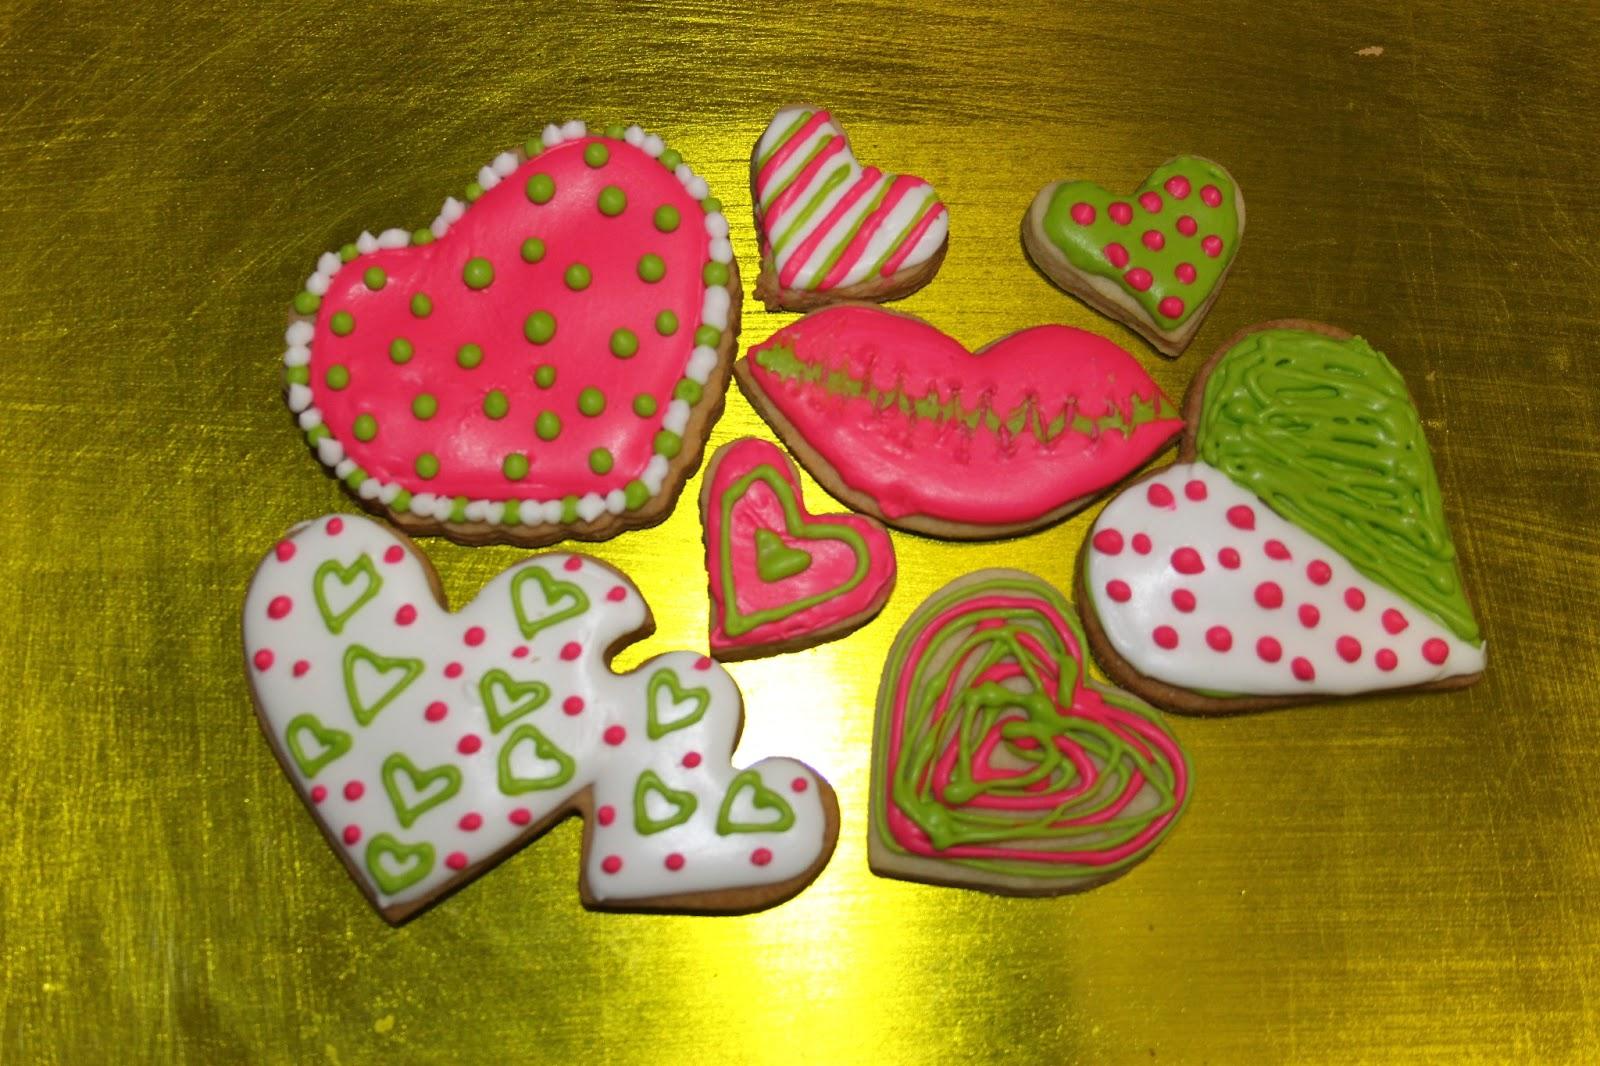 Happiness Sweets Amp Treats January 2013